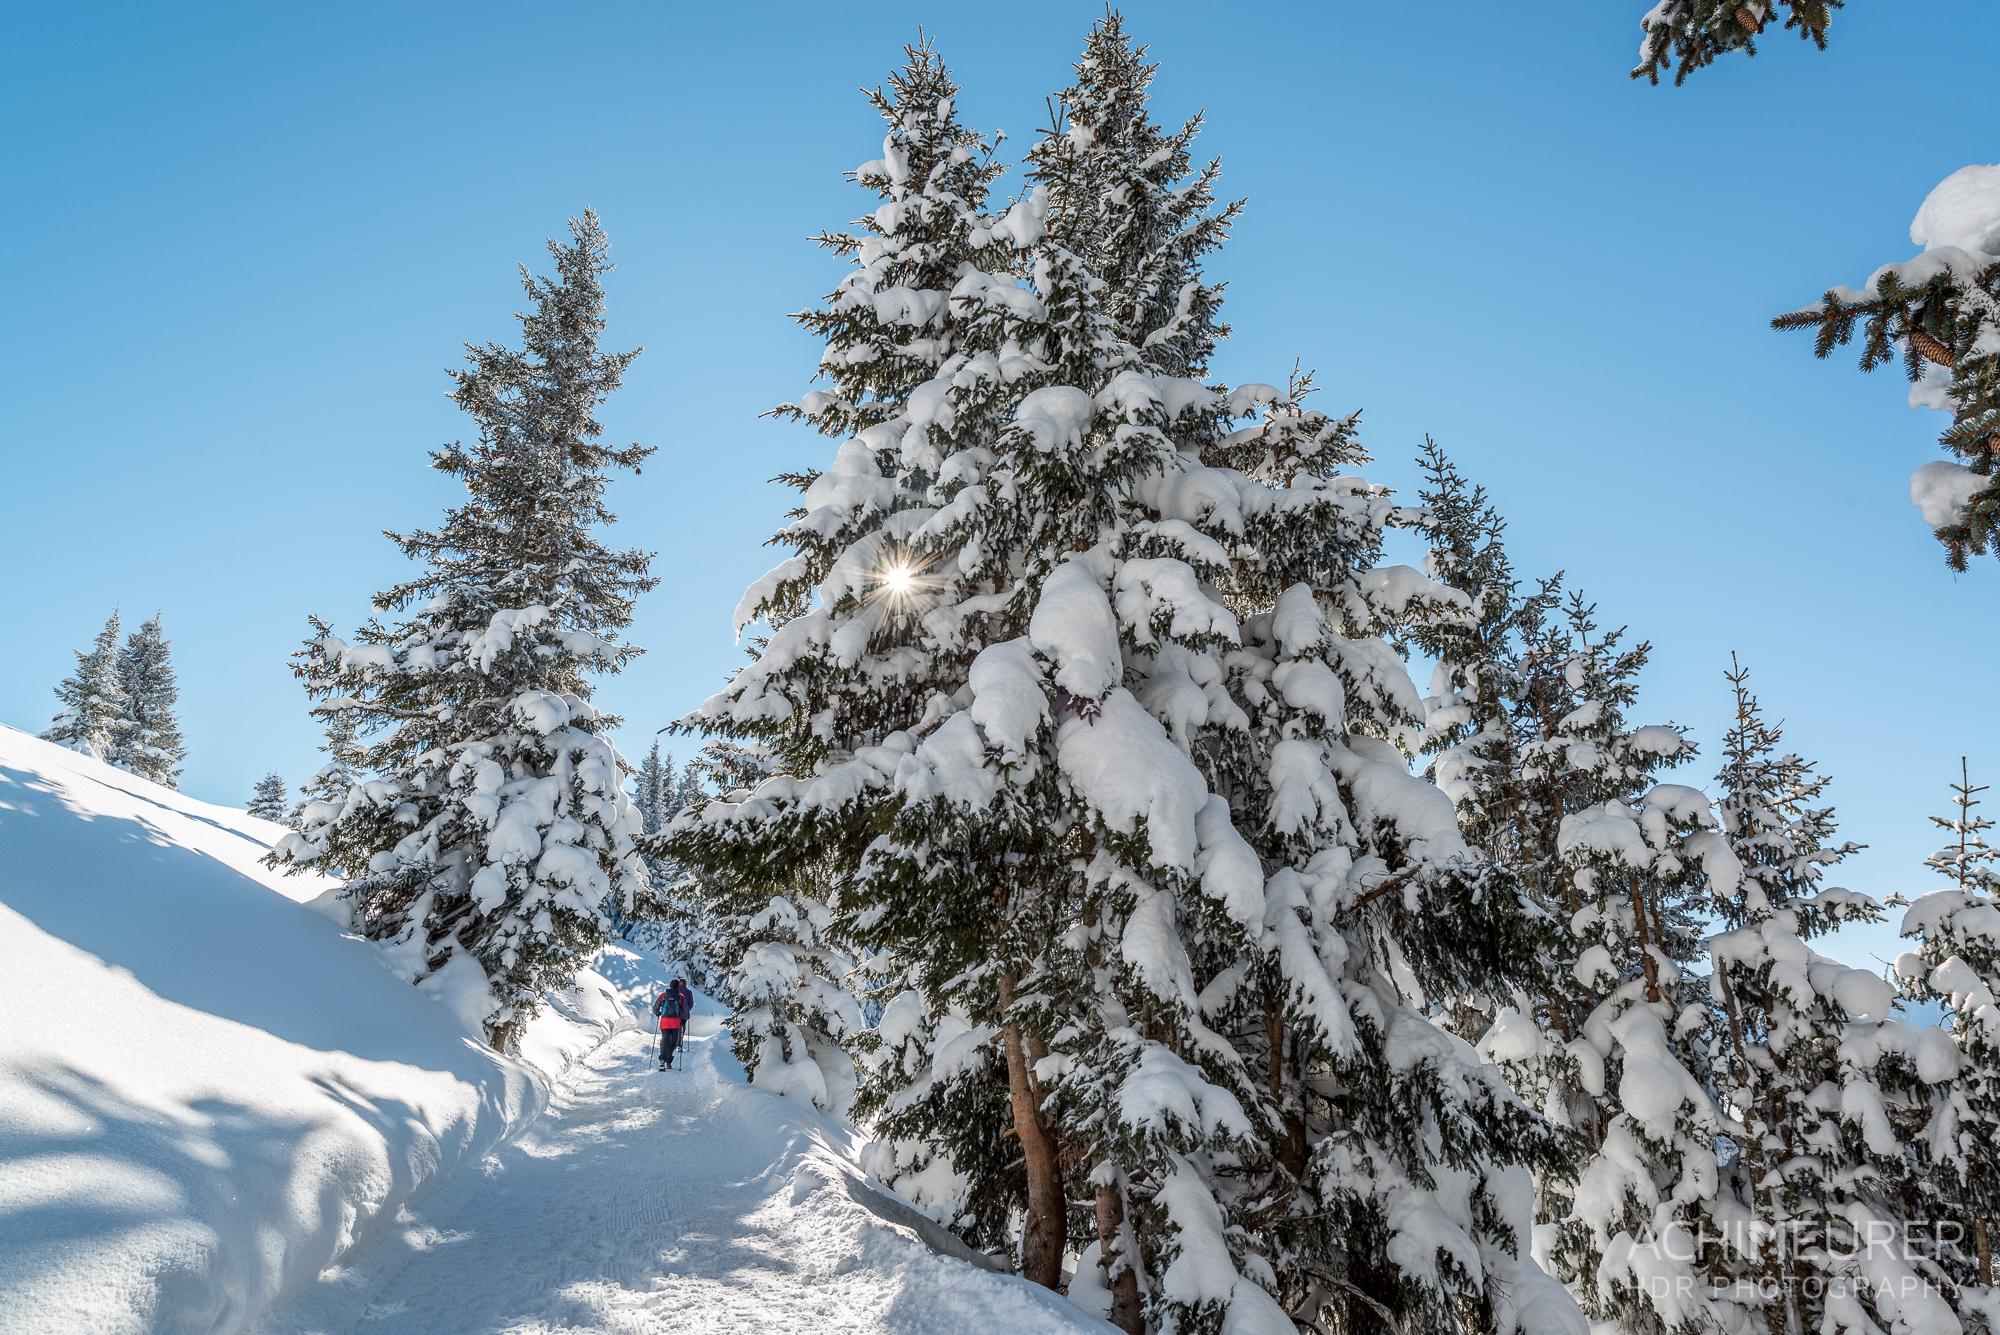 Die-schoensten-Winterfotos-Winterlandschaft-14 by Achim Meurer.